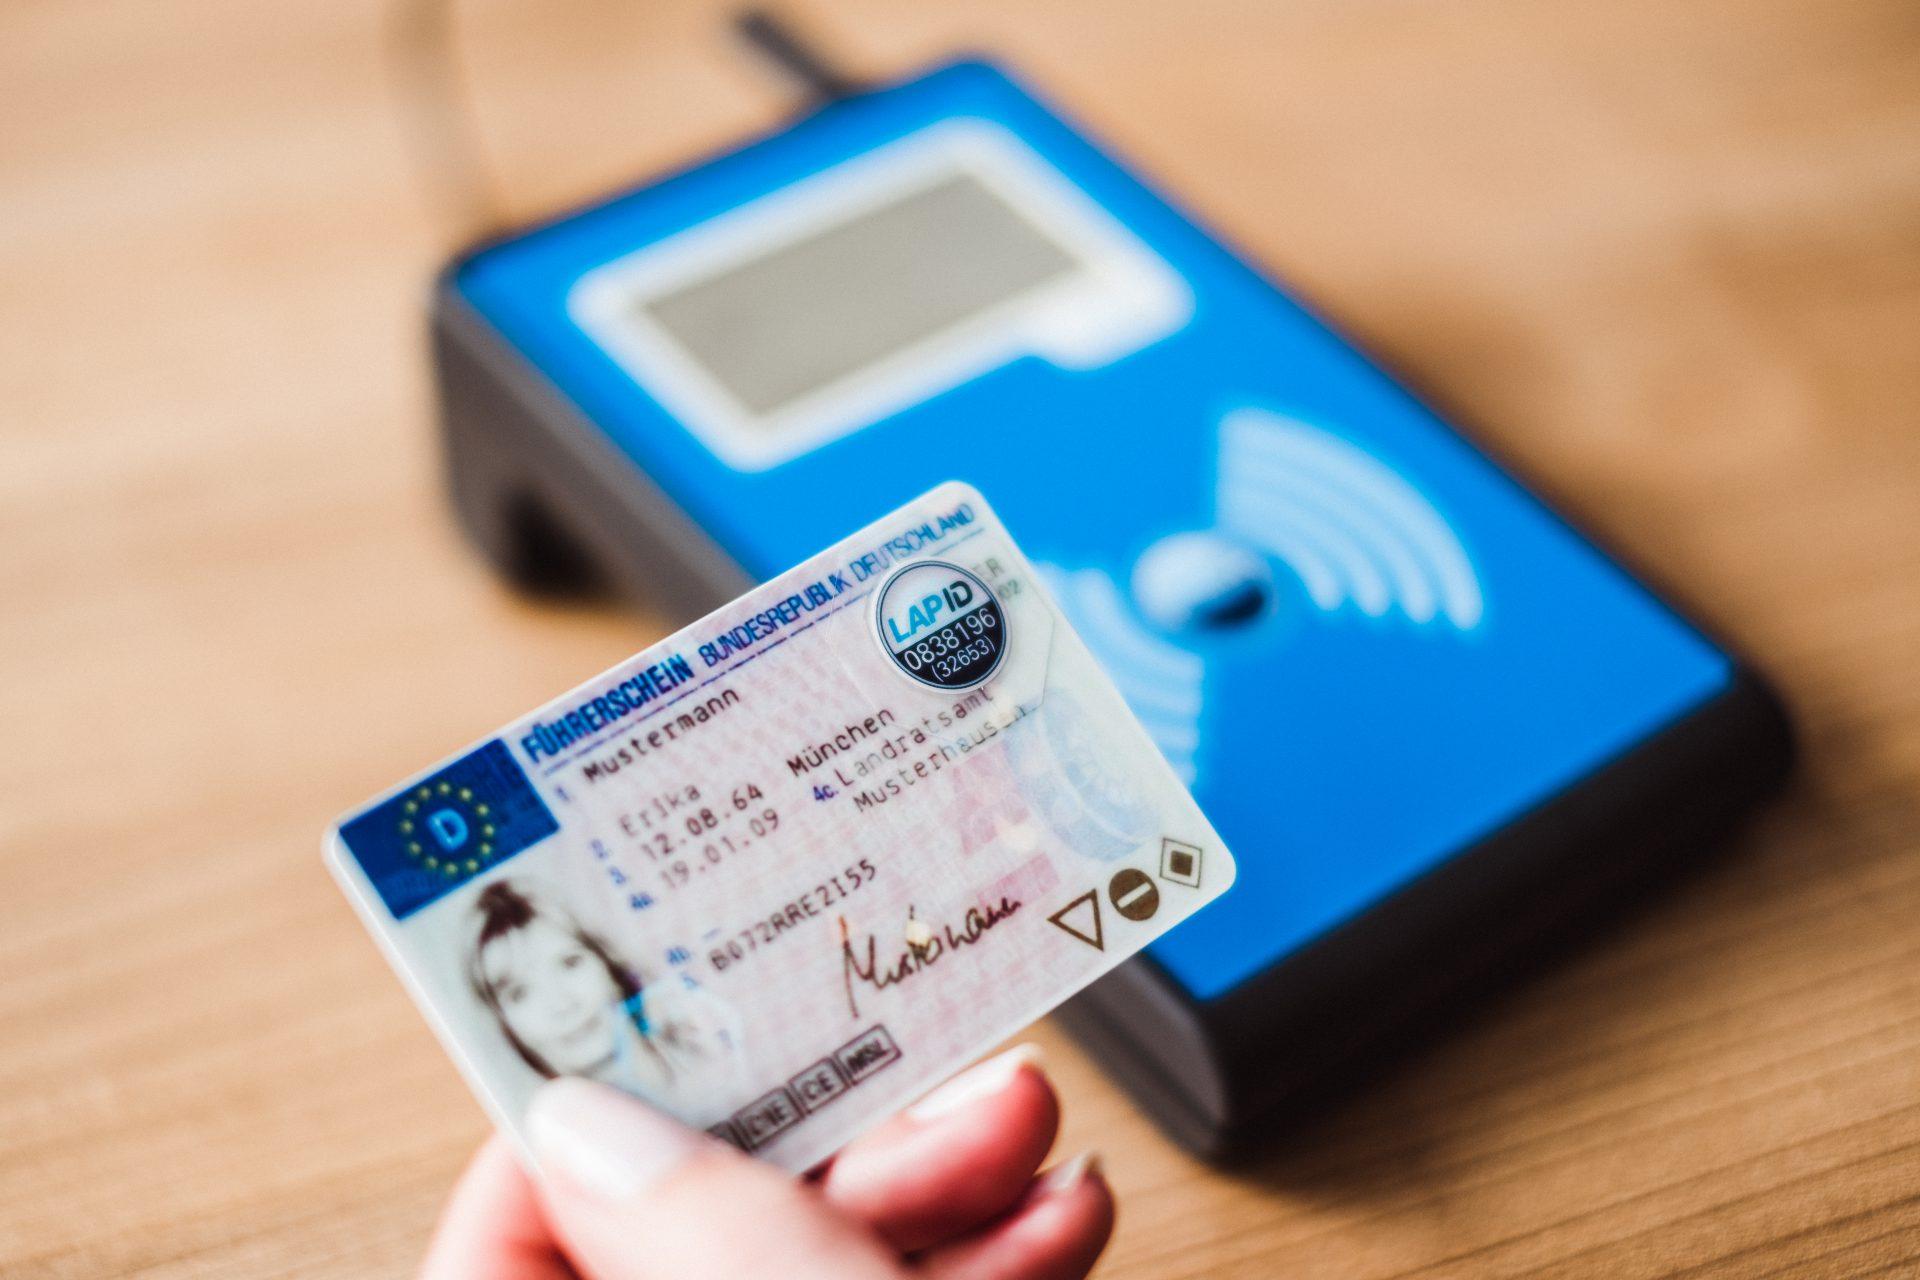 Führerschein mit RFID-Chip kontrollieren